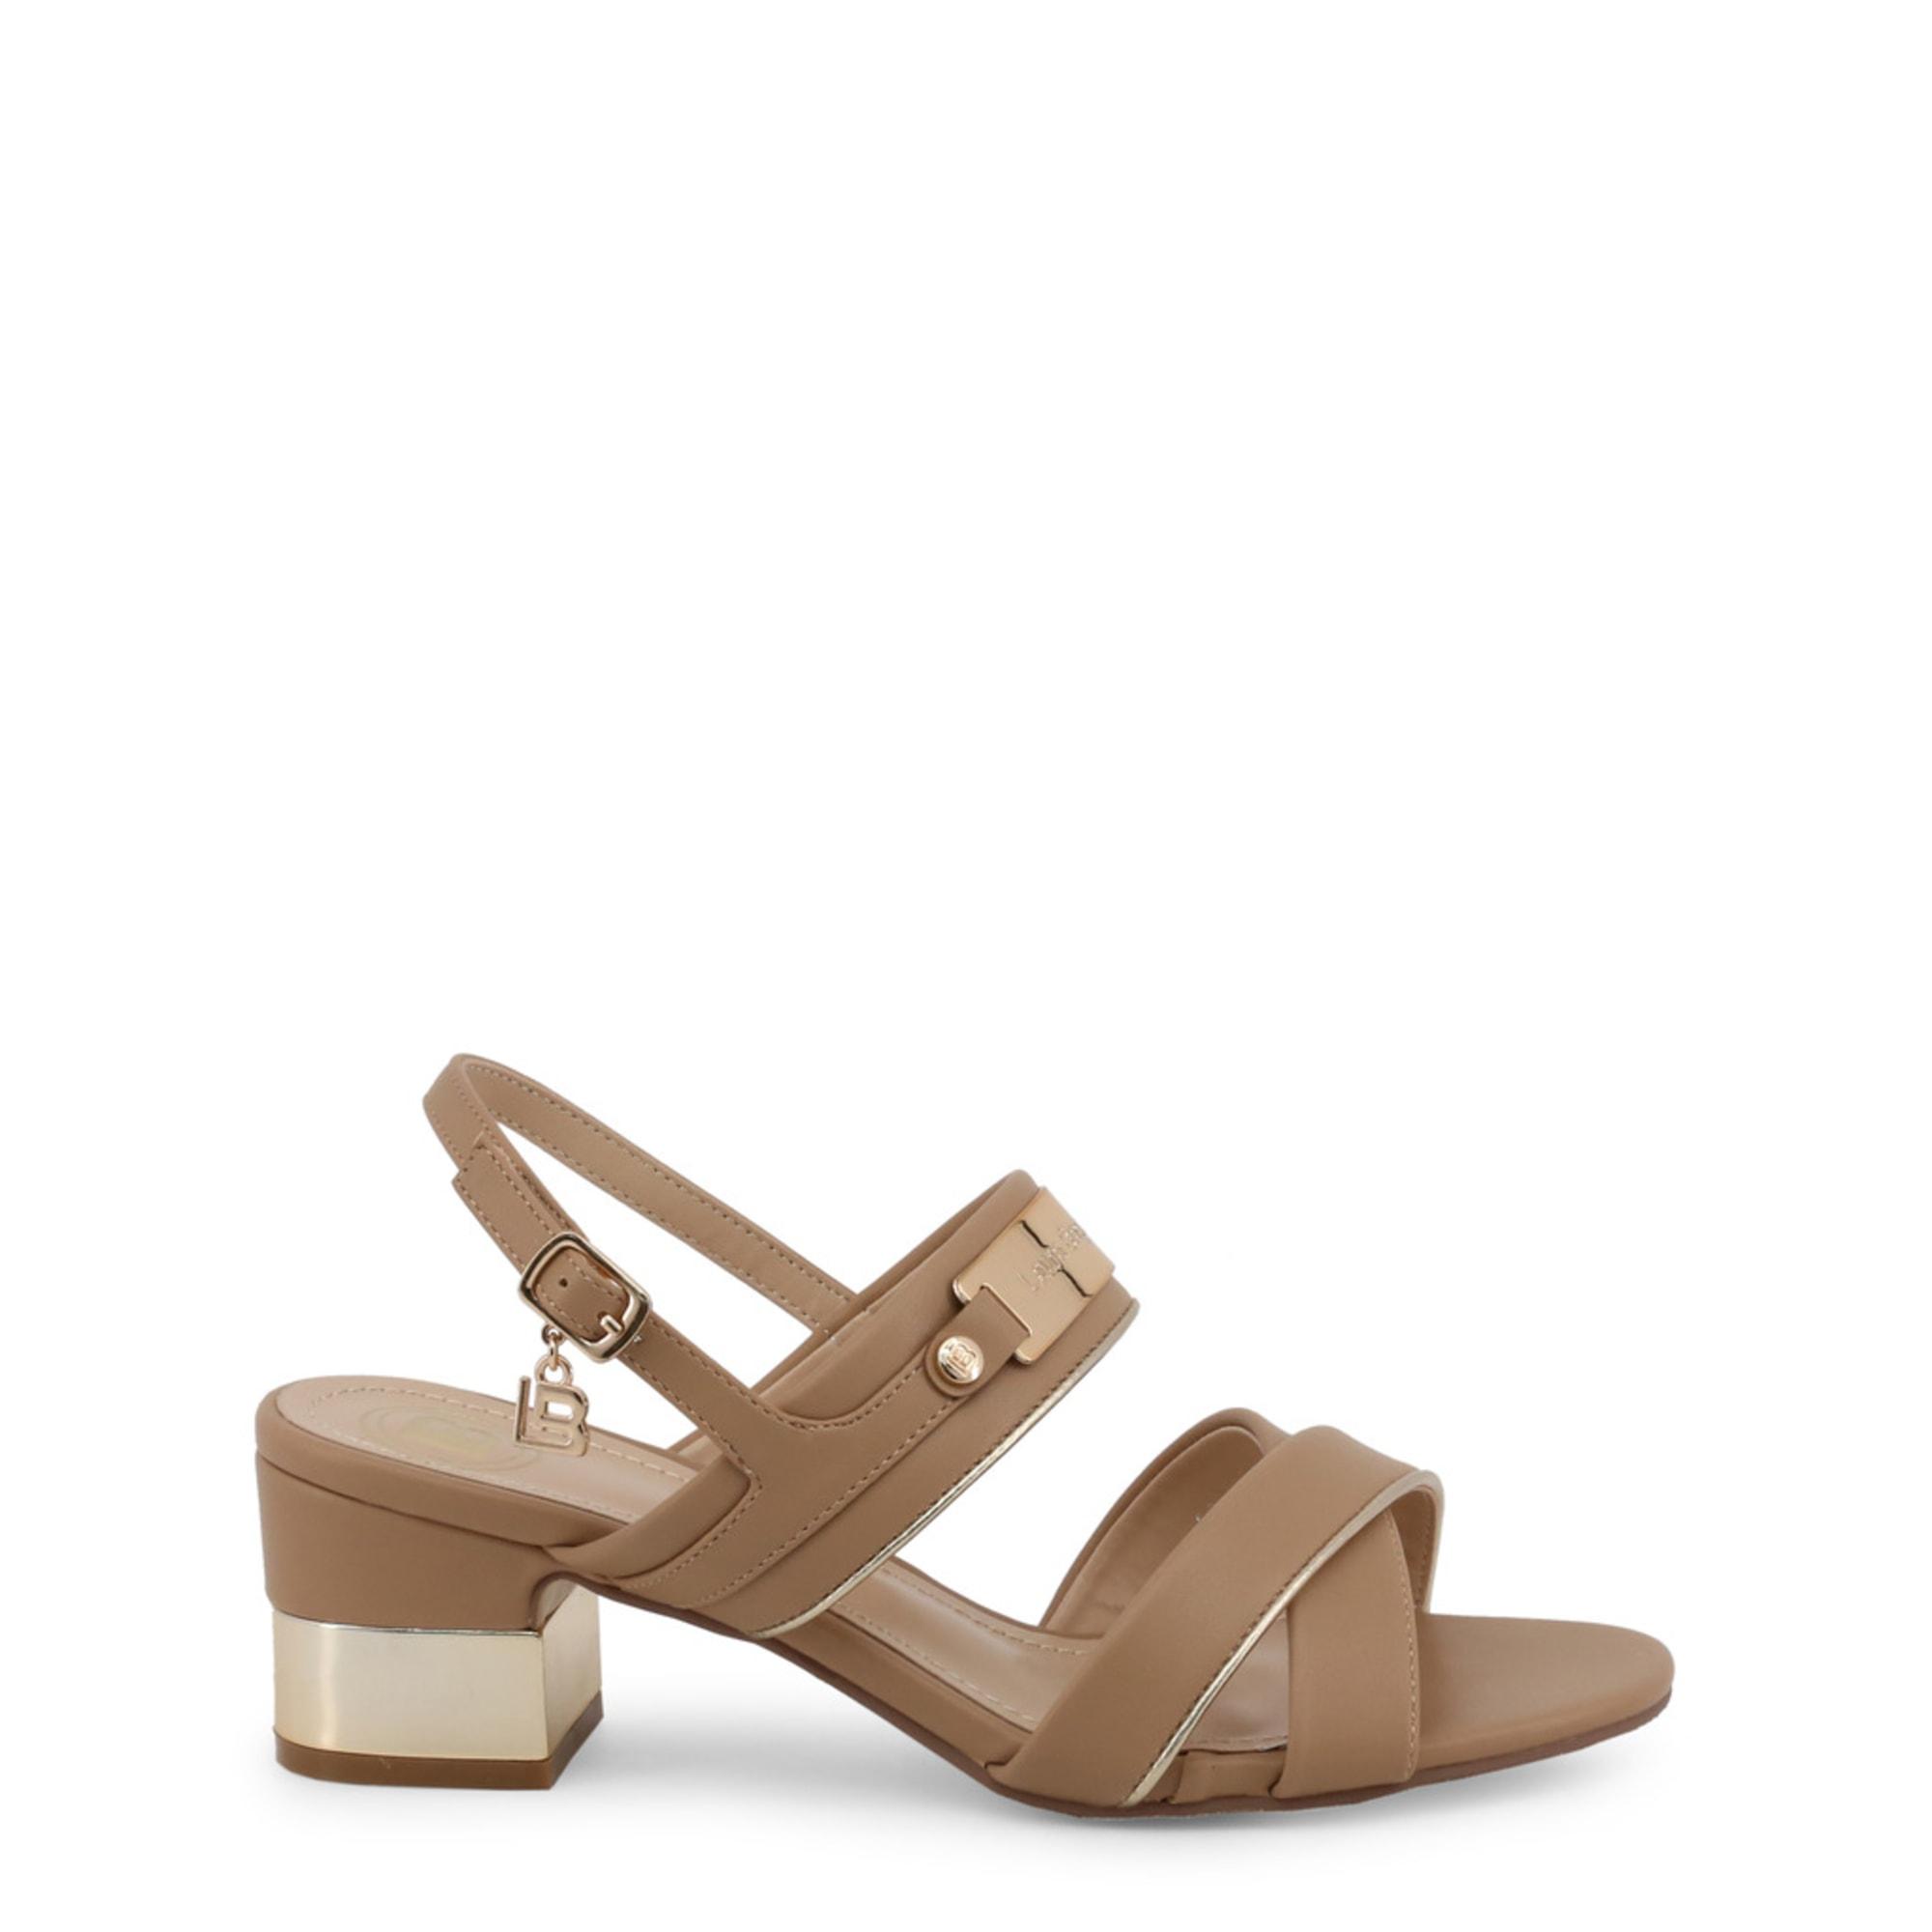 Sandales à talons LAURA BIAGIOTTI Beige, camel